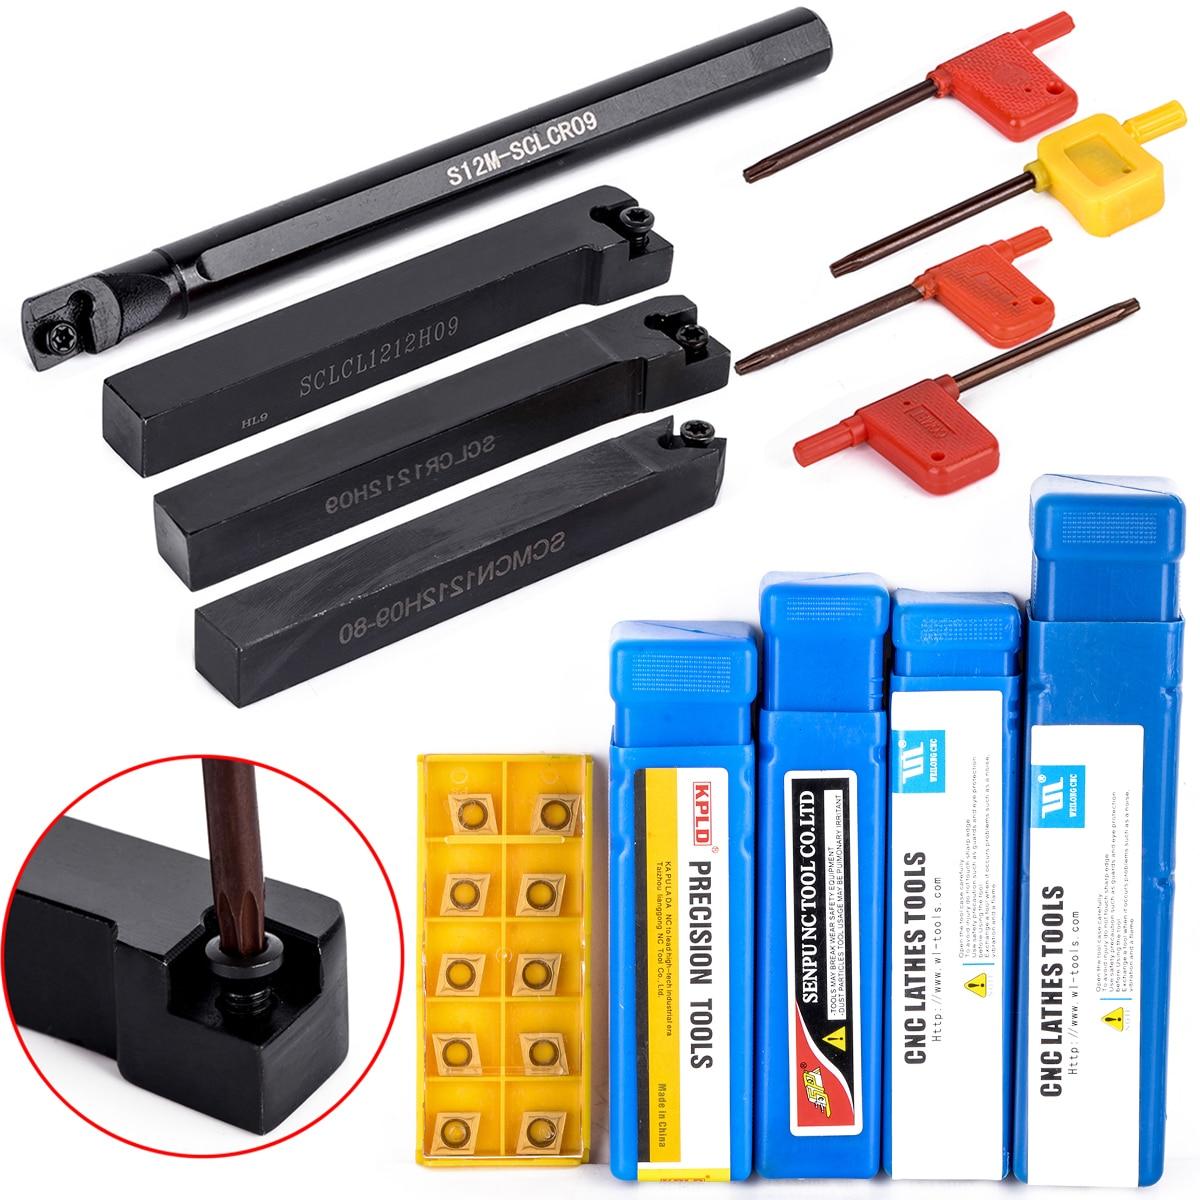 CNC Tornio Utensile da Tornio S12M-SCLCR09 + SCMCN1212H09 + SCLCR/L1212H09 Noioso Bar + 10 Pcs Inserto In Metallo Duro Lame con t15 Chiavi